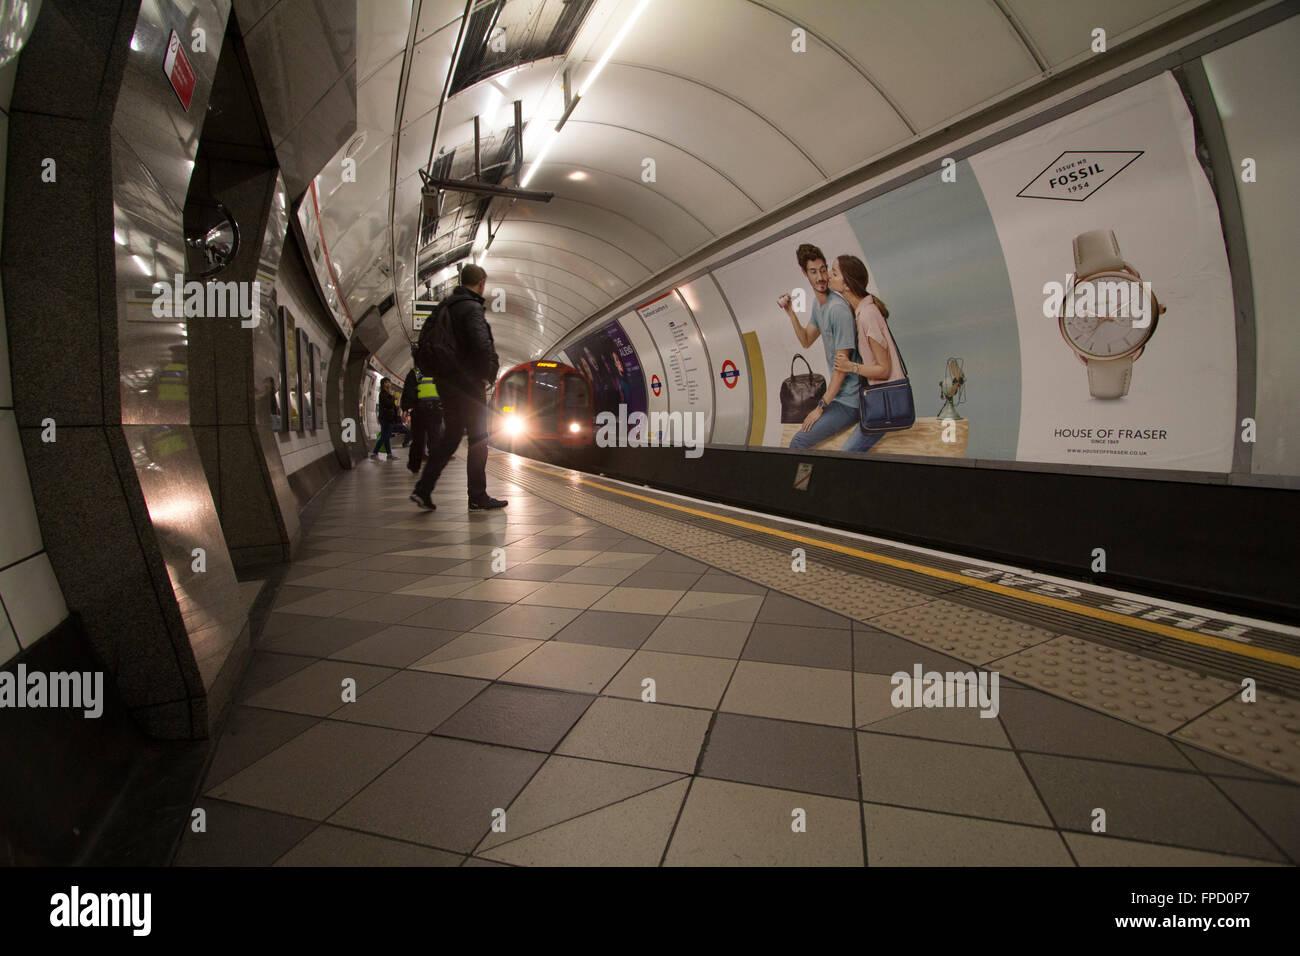 werbung auf london underground mit netzwerk u bahn. Black Bedroom Furniture Sets. Home Design Ideas